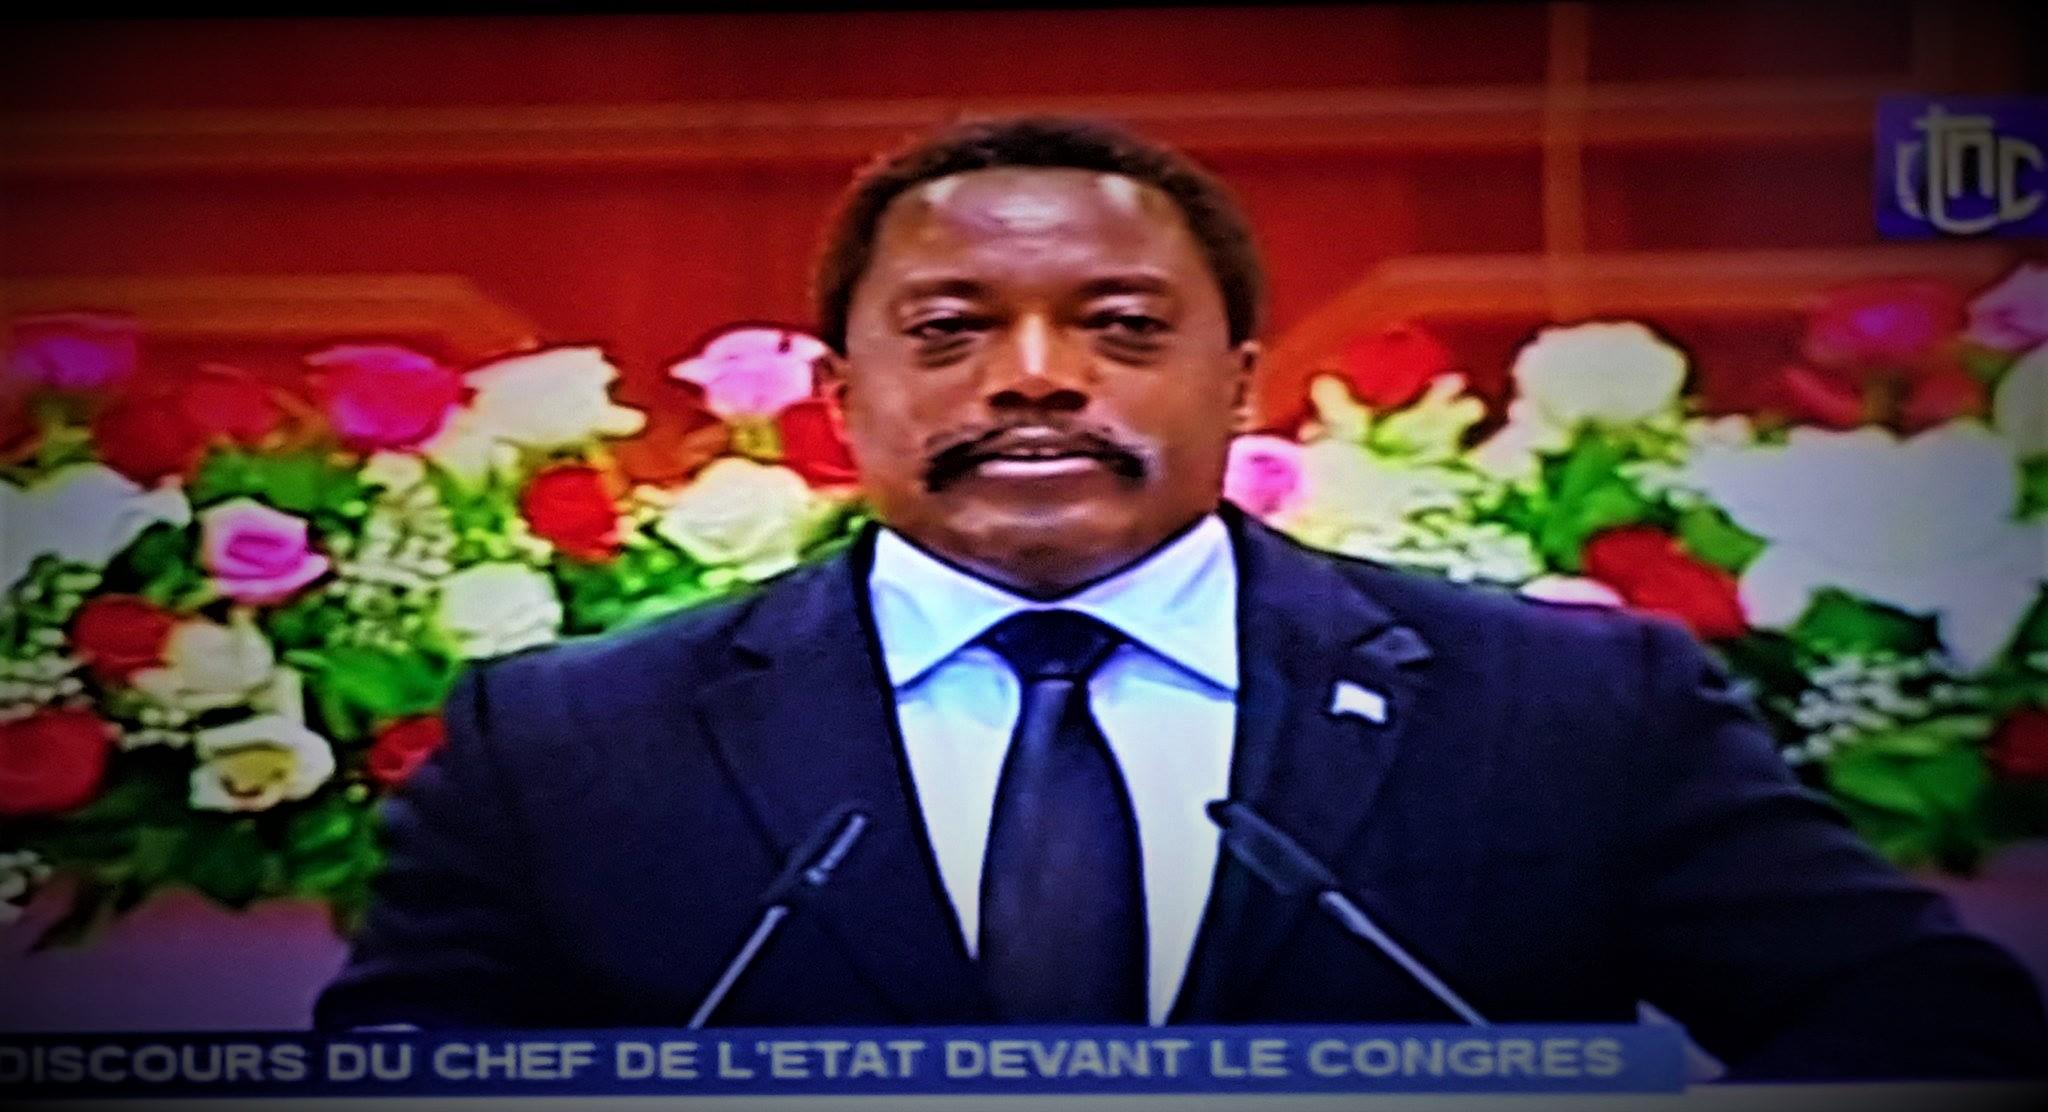 Joseph Kabila : Le Premier Ministre sera nommé dans 48 heures » 1